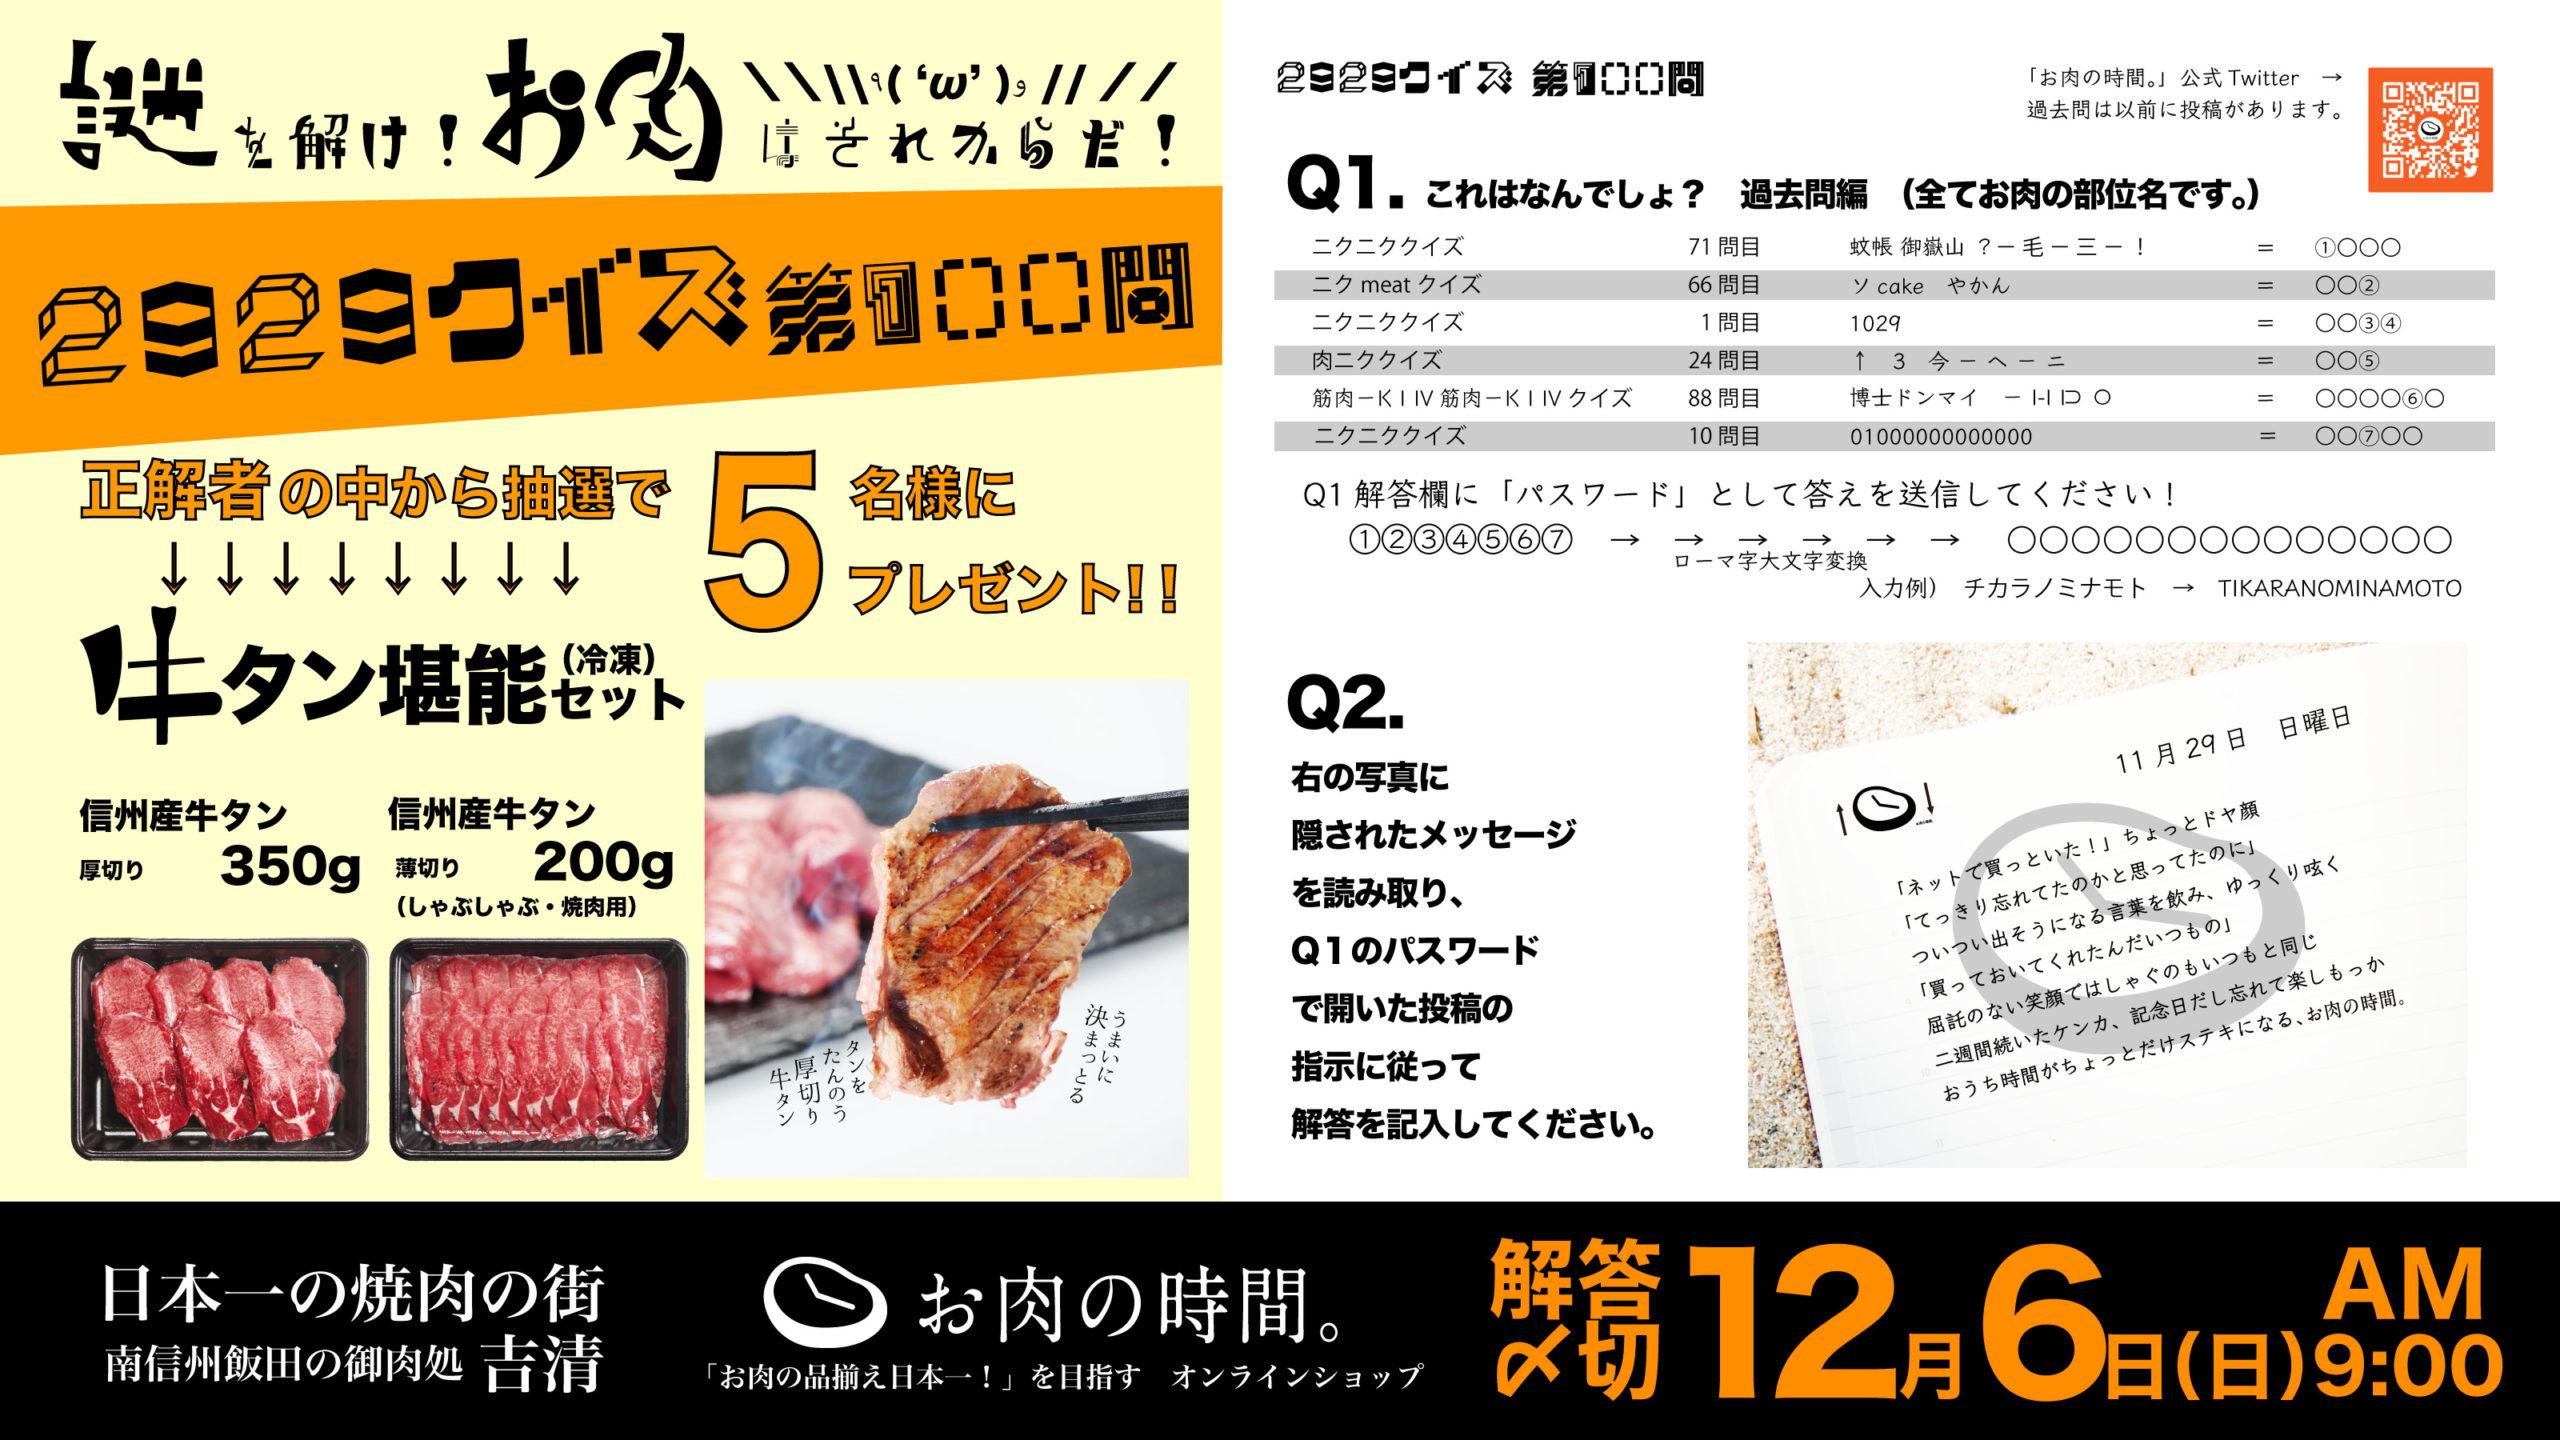 2929クイズ第100問記念!解答編!